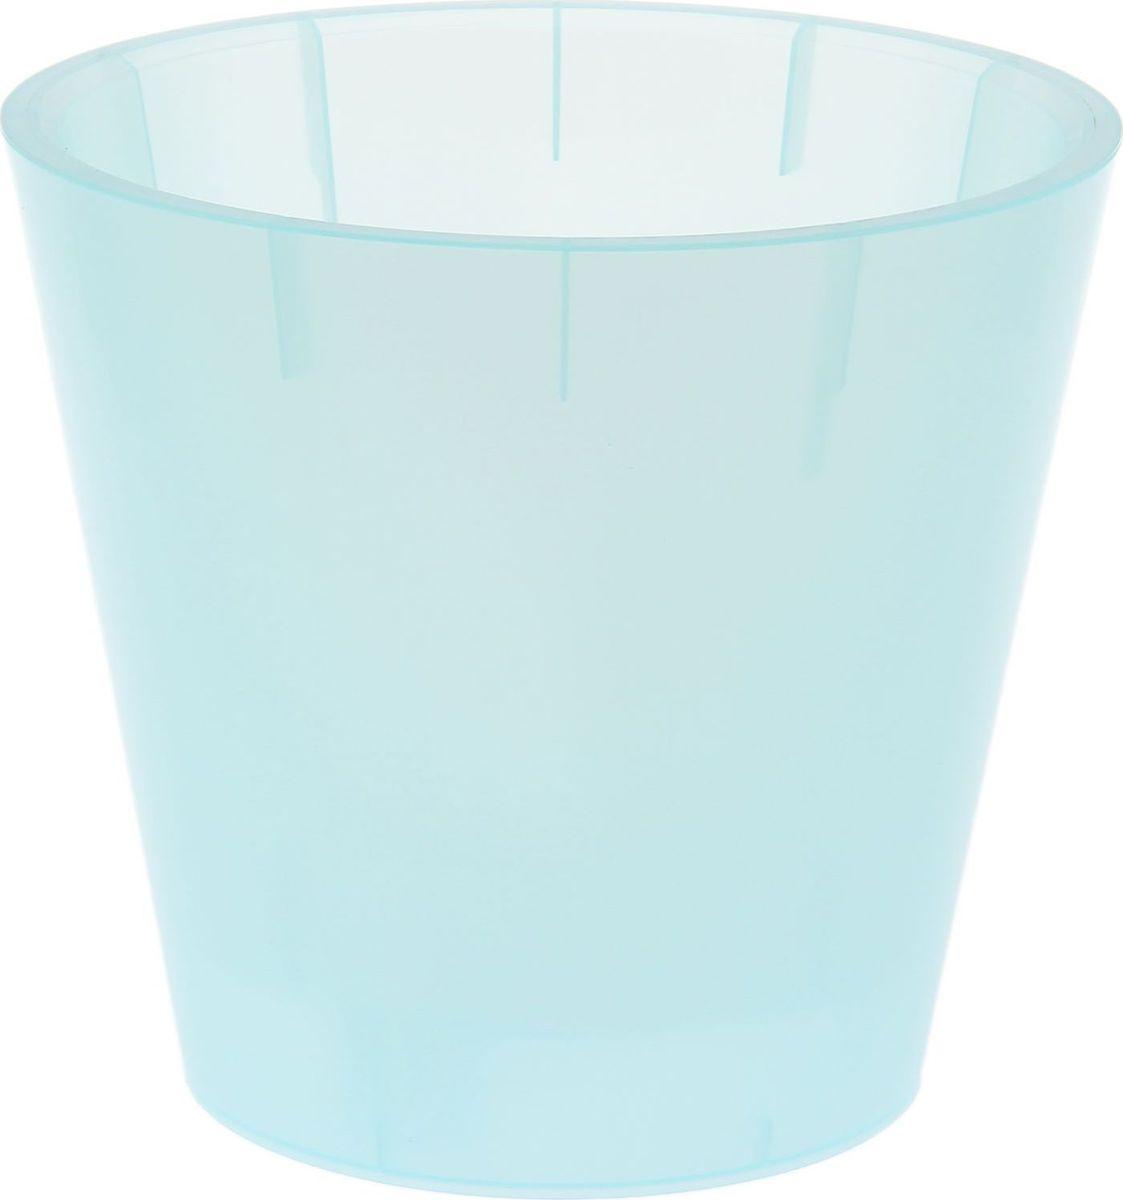 Горшок для цветов InGreen Фиджи. Орхид, цвет: голубой перламутр, 5 л1637051Горшок InGreen, выполненный из высококачественного пластика, предназначен для выращивания комнатных цветов, растений и трав. Такой горшок порадует вас современным дизайном и функциональностью, а также оригинально украсит интерьер любого помещения. Объем: 5 л.